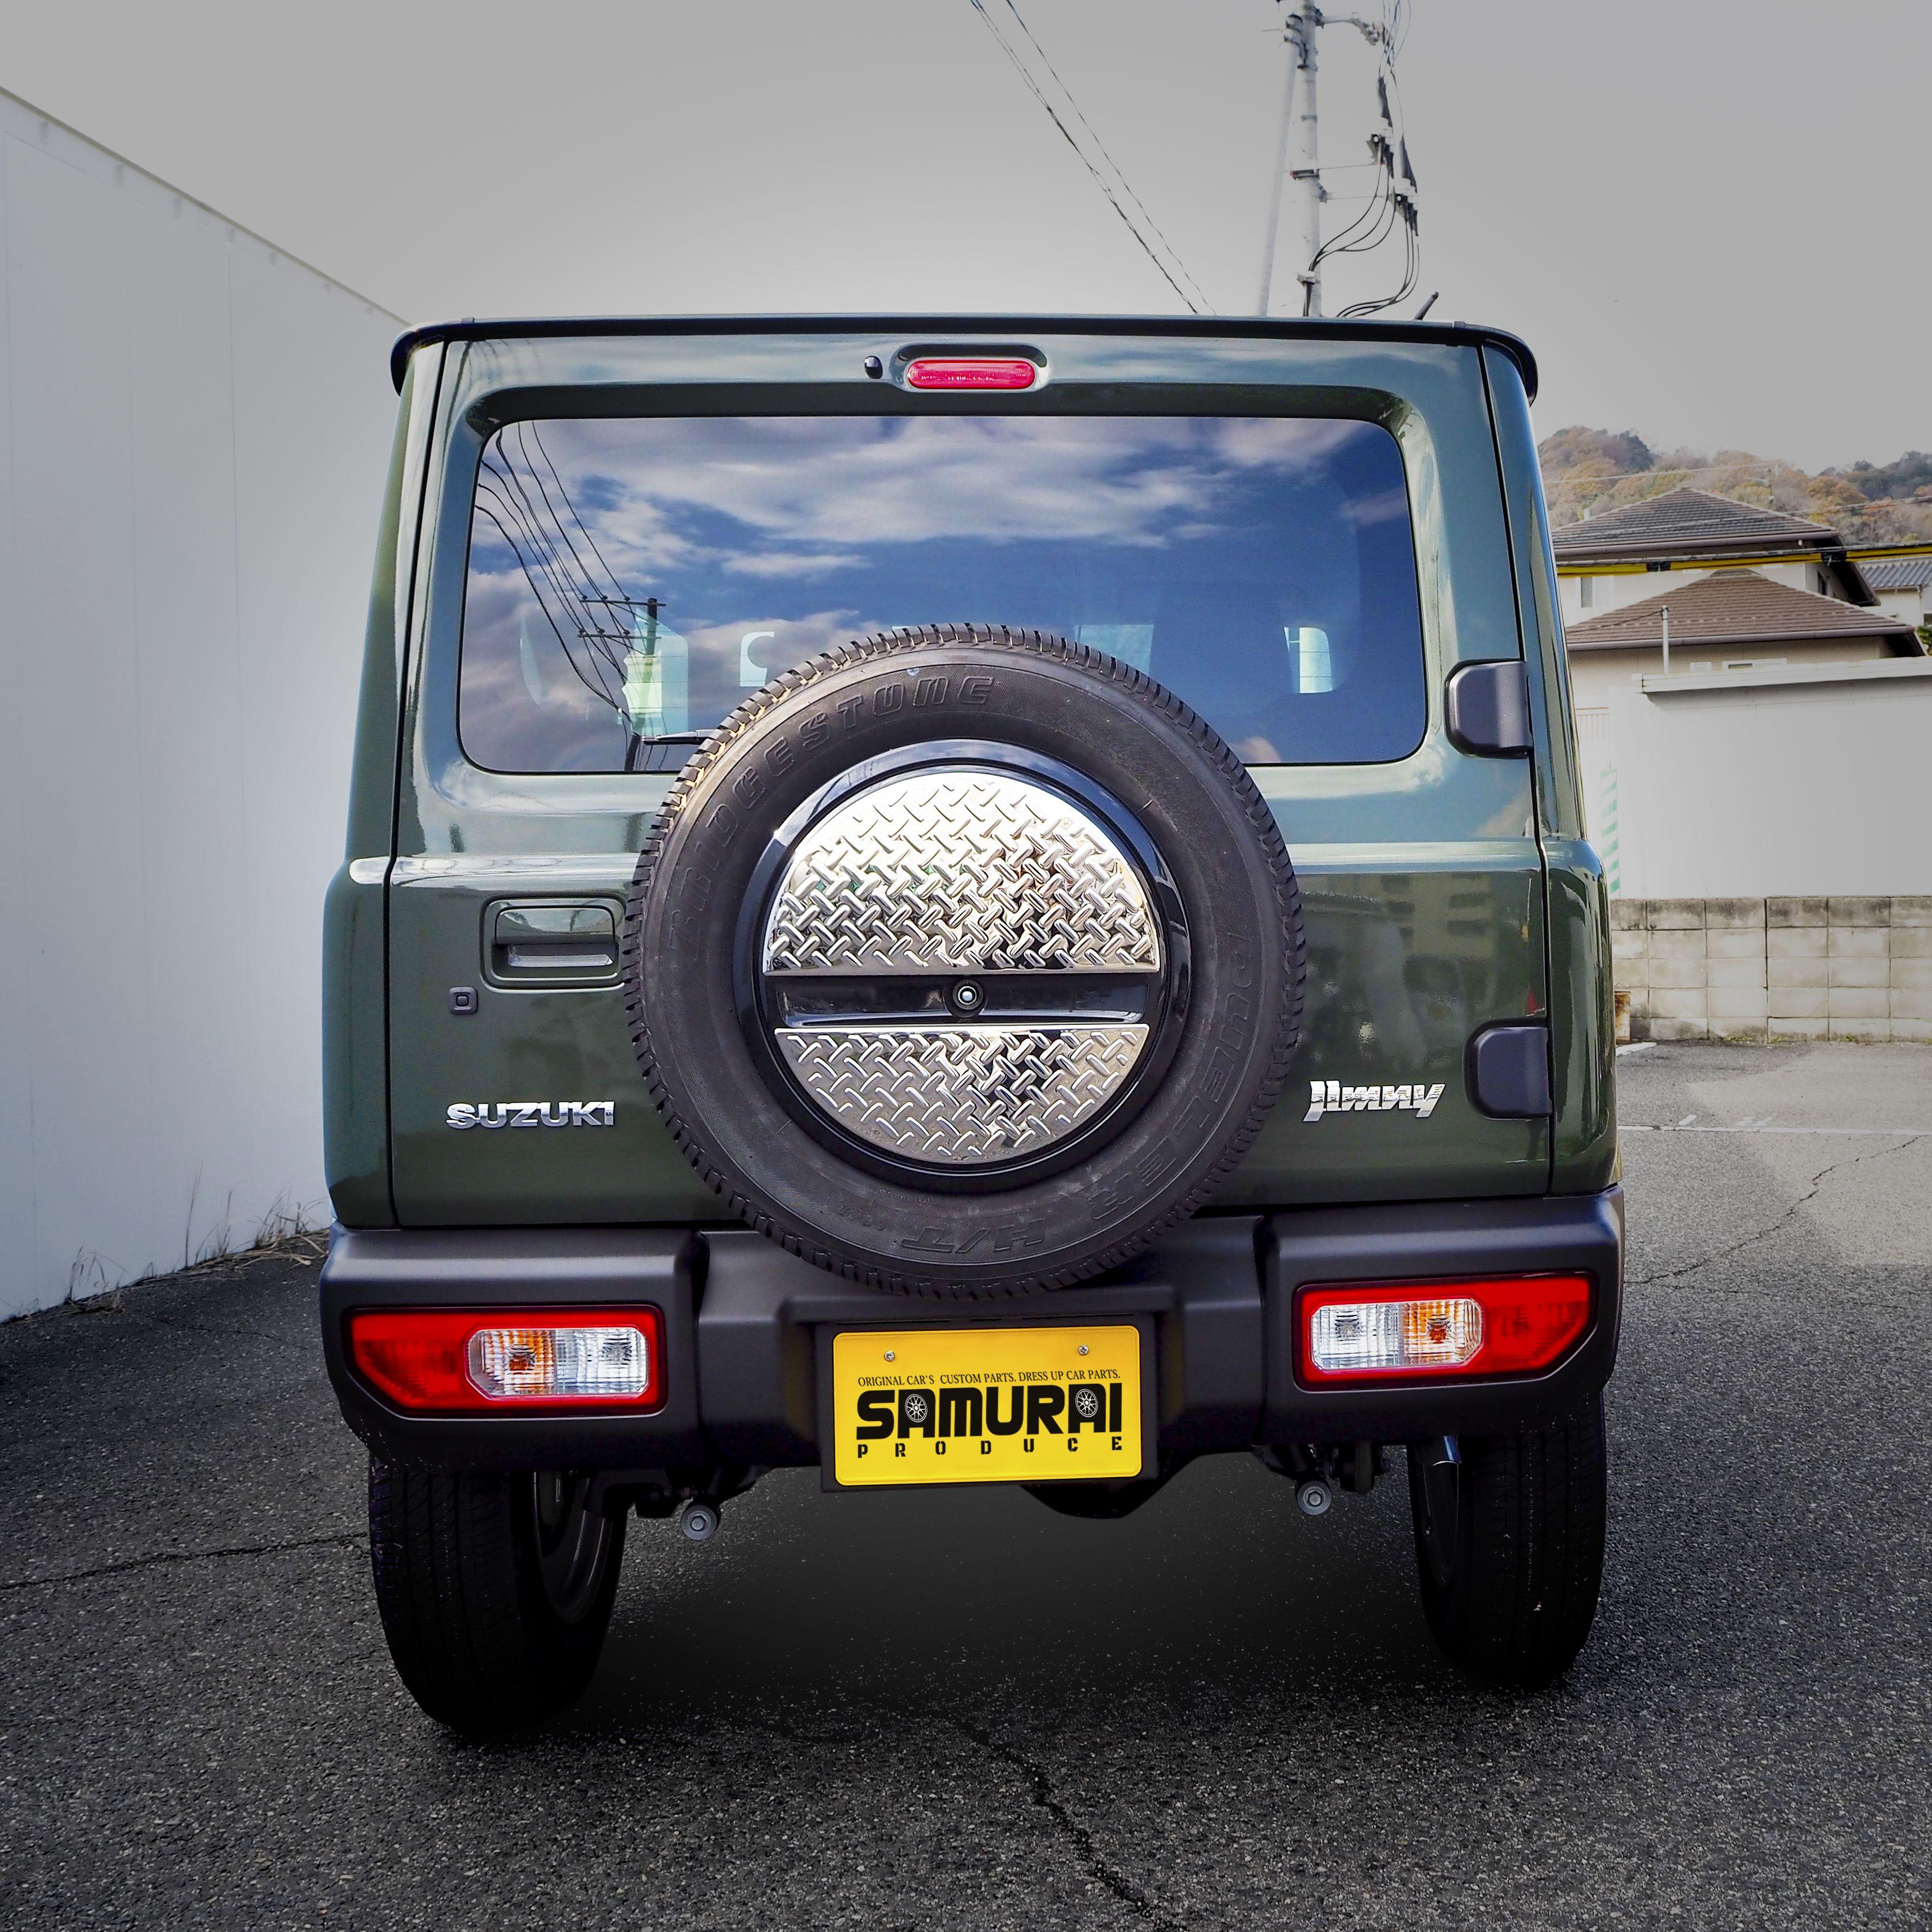 ジムニー スペアタイヤカバー 2p Jimny Jb64w 選べる4カラー 鏡面仕上げ シルバーヘアライン ブラックヘアライン 艶有りカーボン調 Suzuki カスタムパーツ ジムニー スペアタイヤカバー タイヤカバー